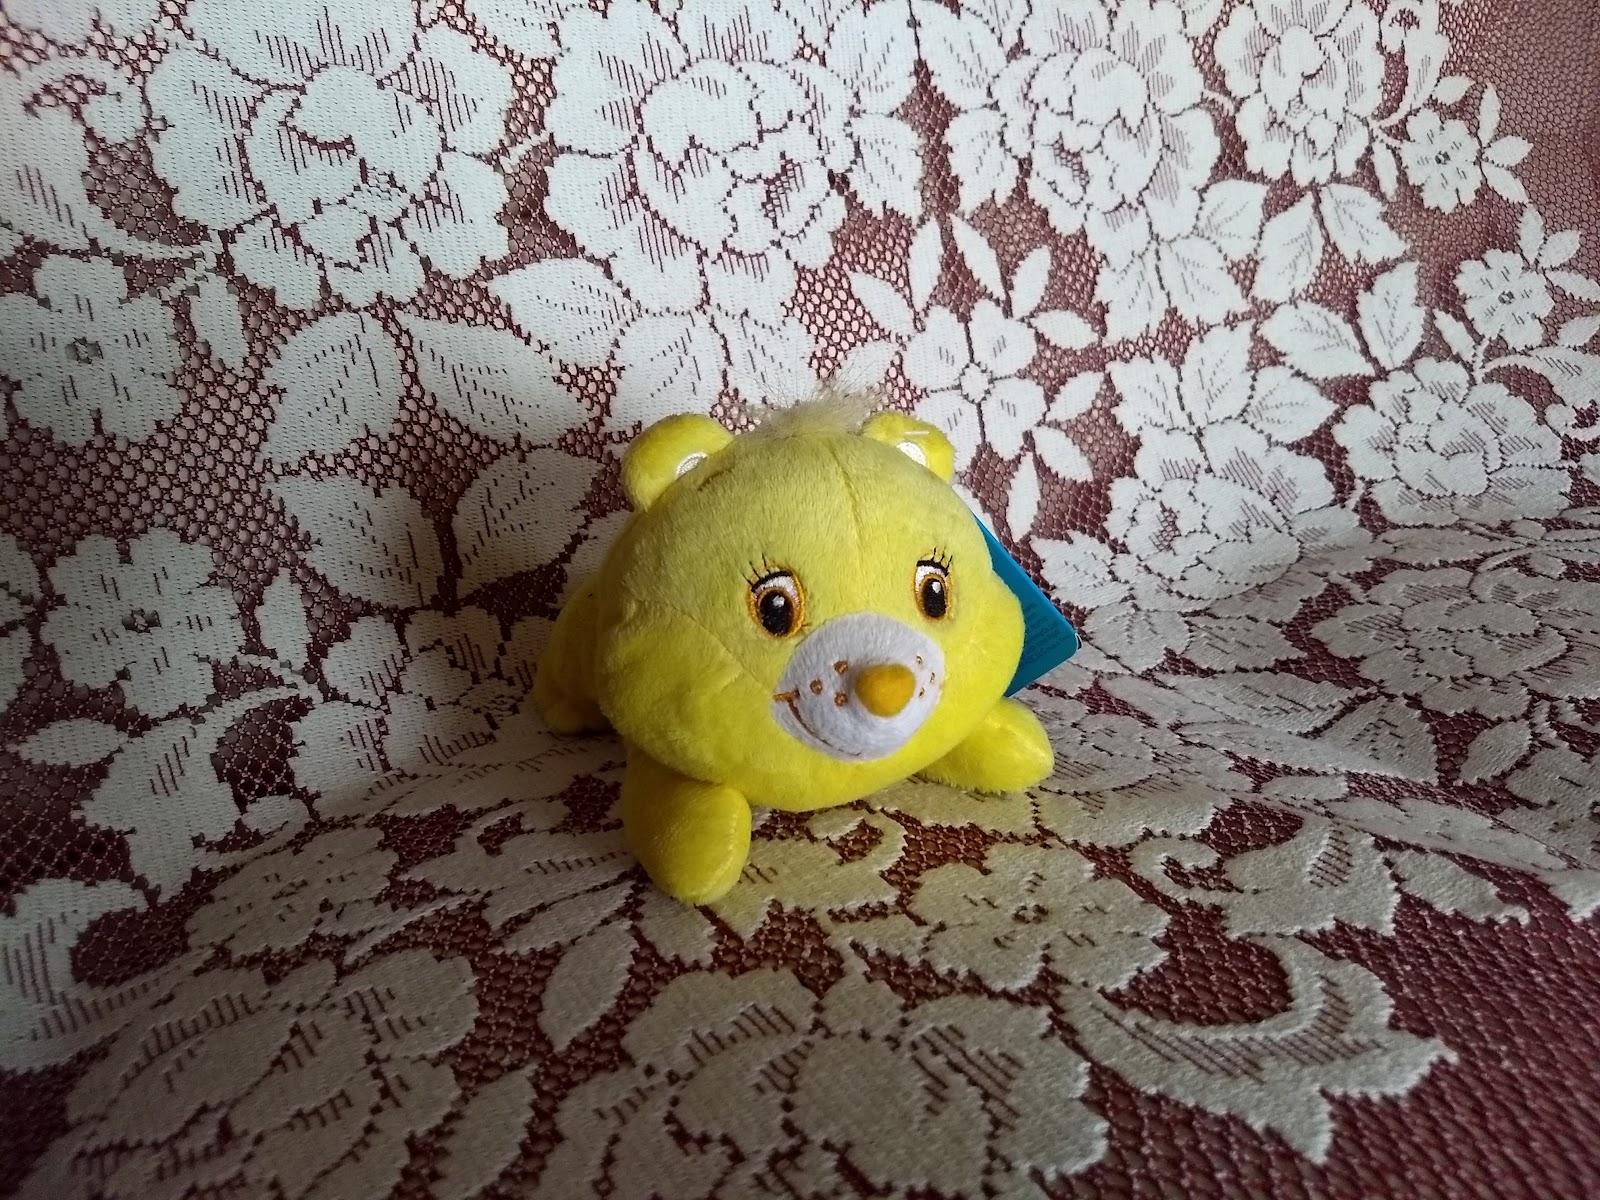 MOTOROLAのMoto G5 Plusのカメラで撮影したCare Bearsの黄色い小さなぬいぐるみ